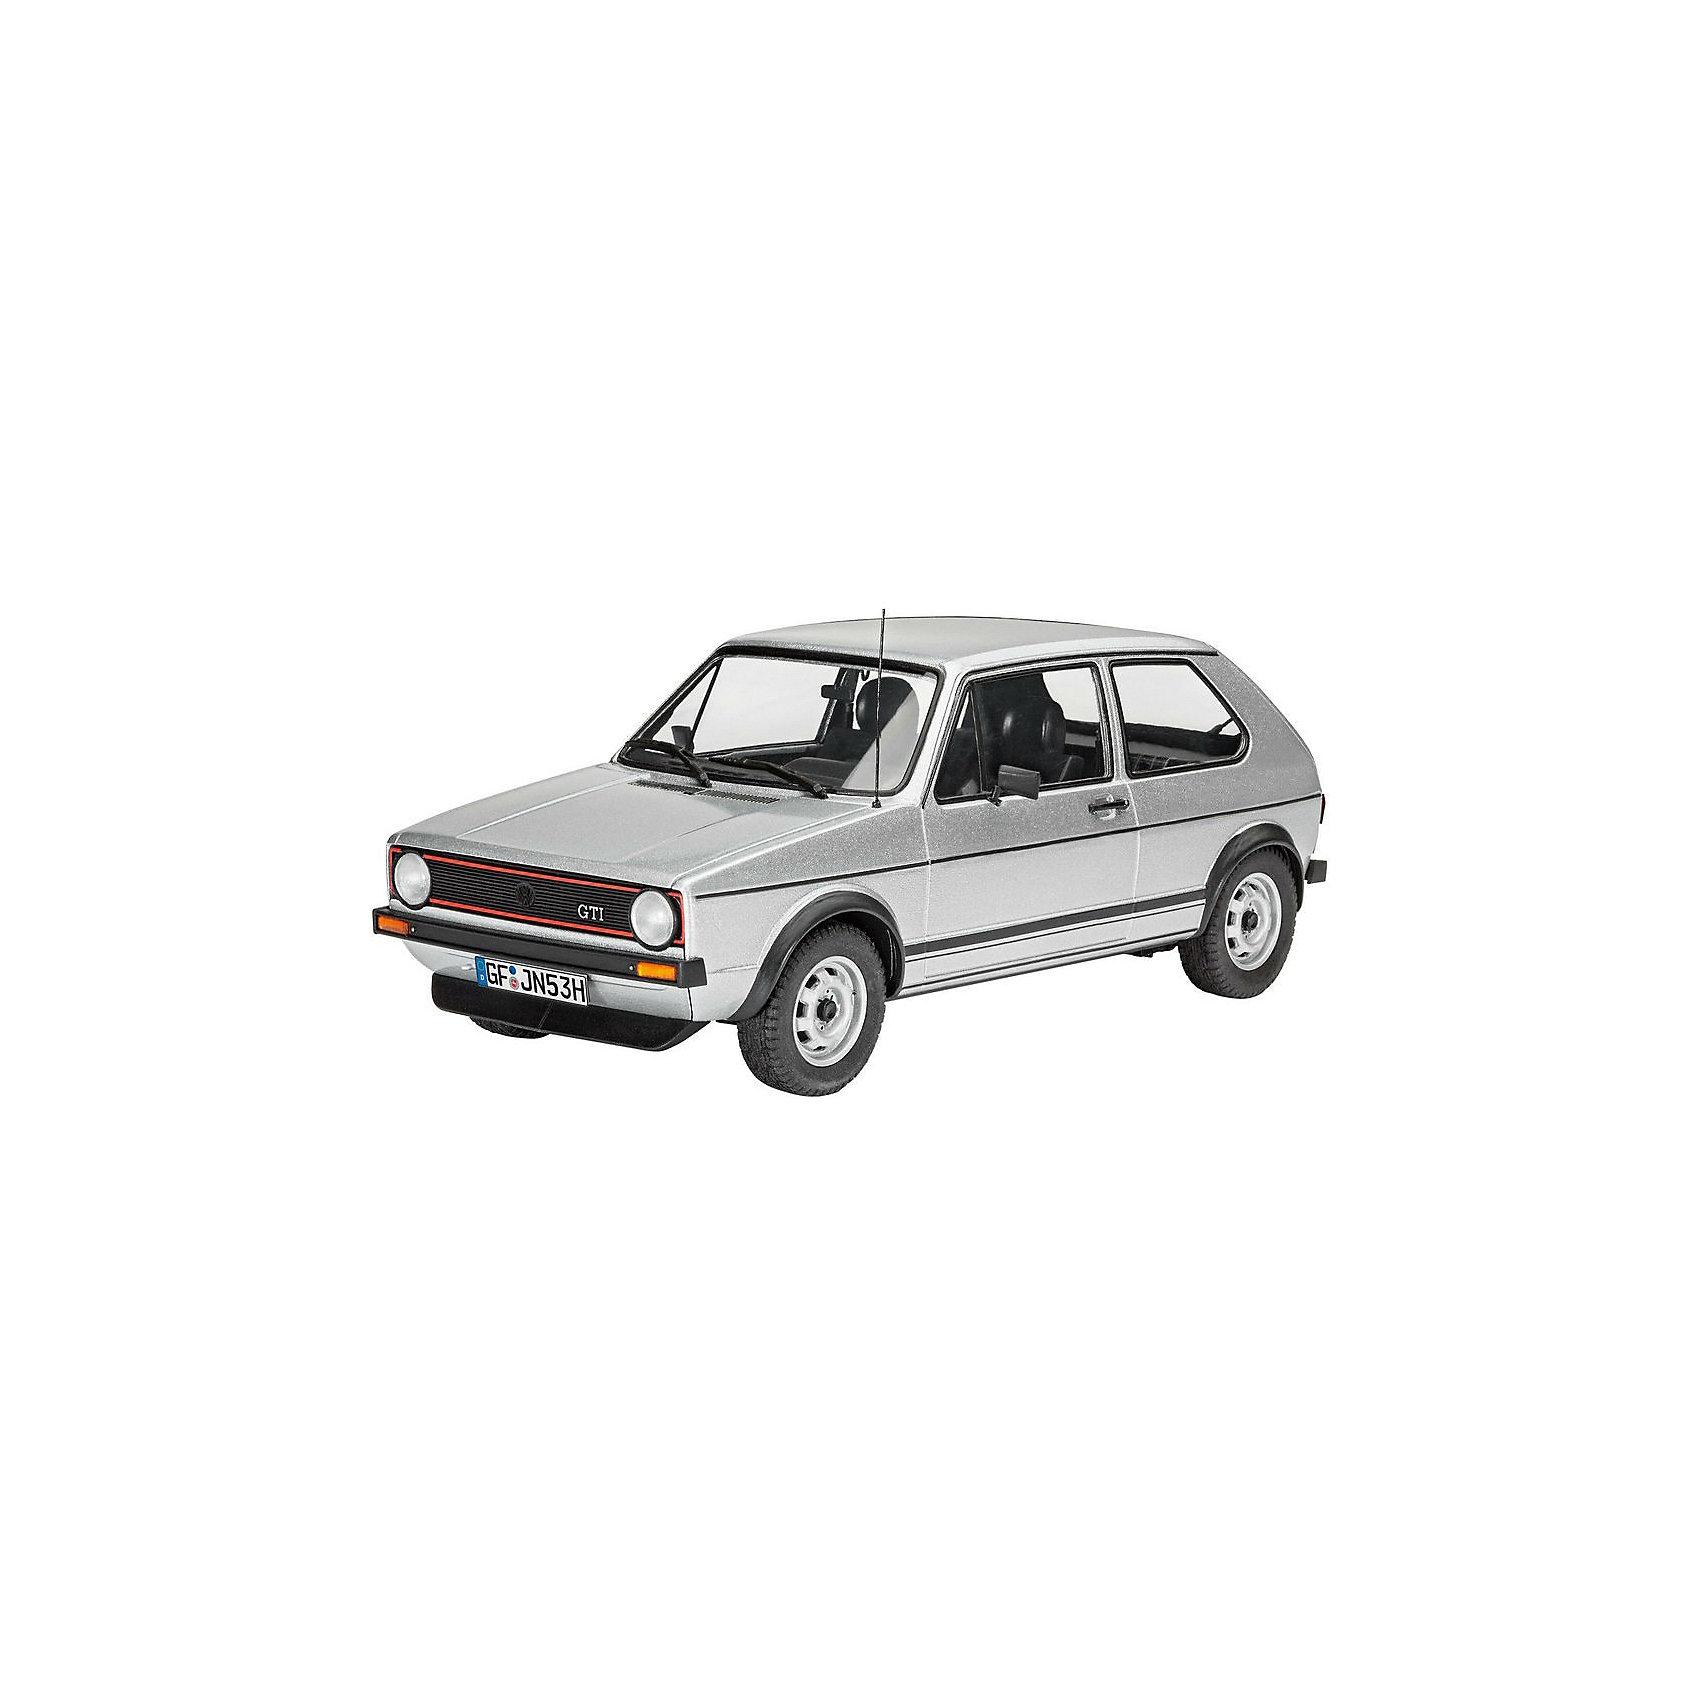 Автомобиль VW Golf 1 GTIМодели для склеивания<br>Сборная модель автомобиля VW Golf 1 GTI в масштабе 1:24. Прототип данной модели имеет интересную историю. Представленный публике в 1975 году на автосалоне VW Golf 1 GTI стал сюрпризом не только для публики, но и для совета директоров Volkswagen.  Машина создавалась без ведома руководителей компании. Несмотря ни на что, этот спортивный вариант классического Golf 1 стал первым спортивным автомобилем доступным всем слоям населения. Доступная цена, двигатель 110 л.с., широкие колеса и характерный передний спойлер сделали этот автомобиль по-настоящему культовым.  <br>Модель выполнена из пластика, поэтому для ее сборки вам потребуется специальный клей. Для покраски рекомендуется использовать акриловые или эмалевые краски Revell. Прозрачные пластиковые детали рекомендуется клеить специальным клеем Contacta Clear.  <br>Внимание! Все вышеперечисленные расходные материалы не входят в набор и приобретаются отдельно. <br>Сборные модели от компании Revell помогут ребенку развить у ребенка творческие способности, аккуратность, усидчивость и мелкую моторику рук.  <br>Масштаб модели: 1:24 <br>Количество деталей: 121 <br>Длина модели: 154 мм <br>Рекомендуется для детей от 10 лет.<br><br>Ширина мм: 9999<br>Глубина мм: 9999<br>Высота мм: 9999<br>Вес г: 9999<br>Возраст от месяцев: 144<br>Возраст до месяцев: 2147483647<br>Пол: Мужской<br>Возраст: Детский<br>SKU: 7122340